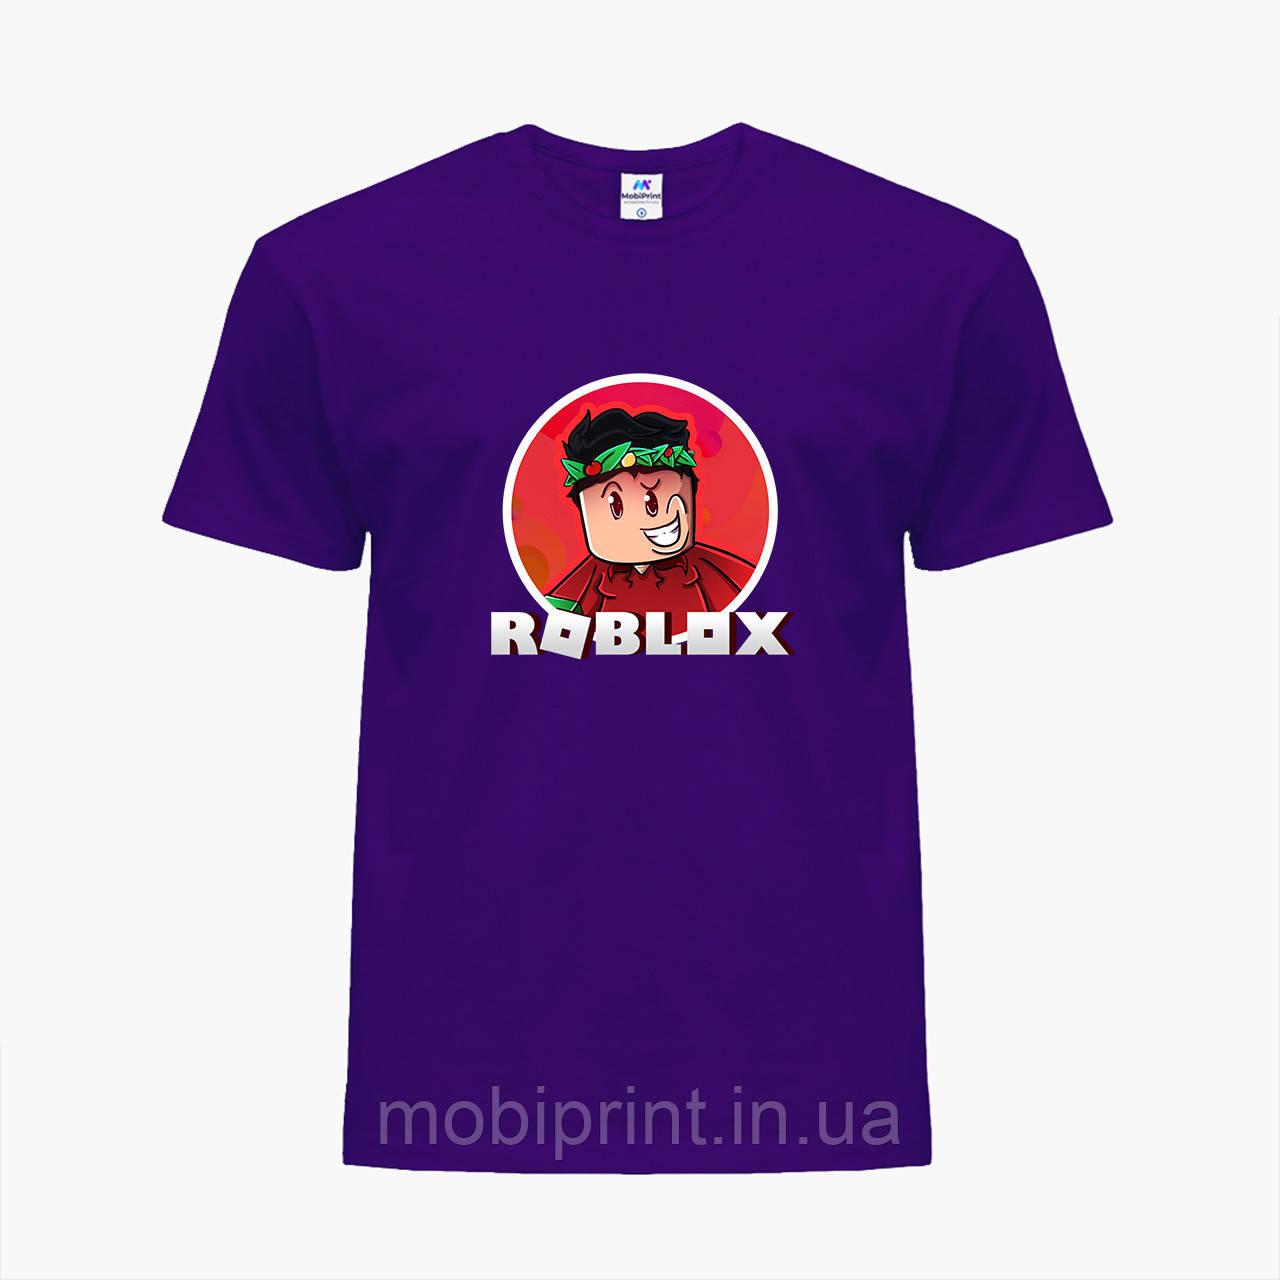 Детская футболка для мальчиков Роблокс (Roblox) (25186-1225) Фиолетовый